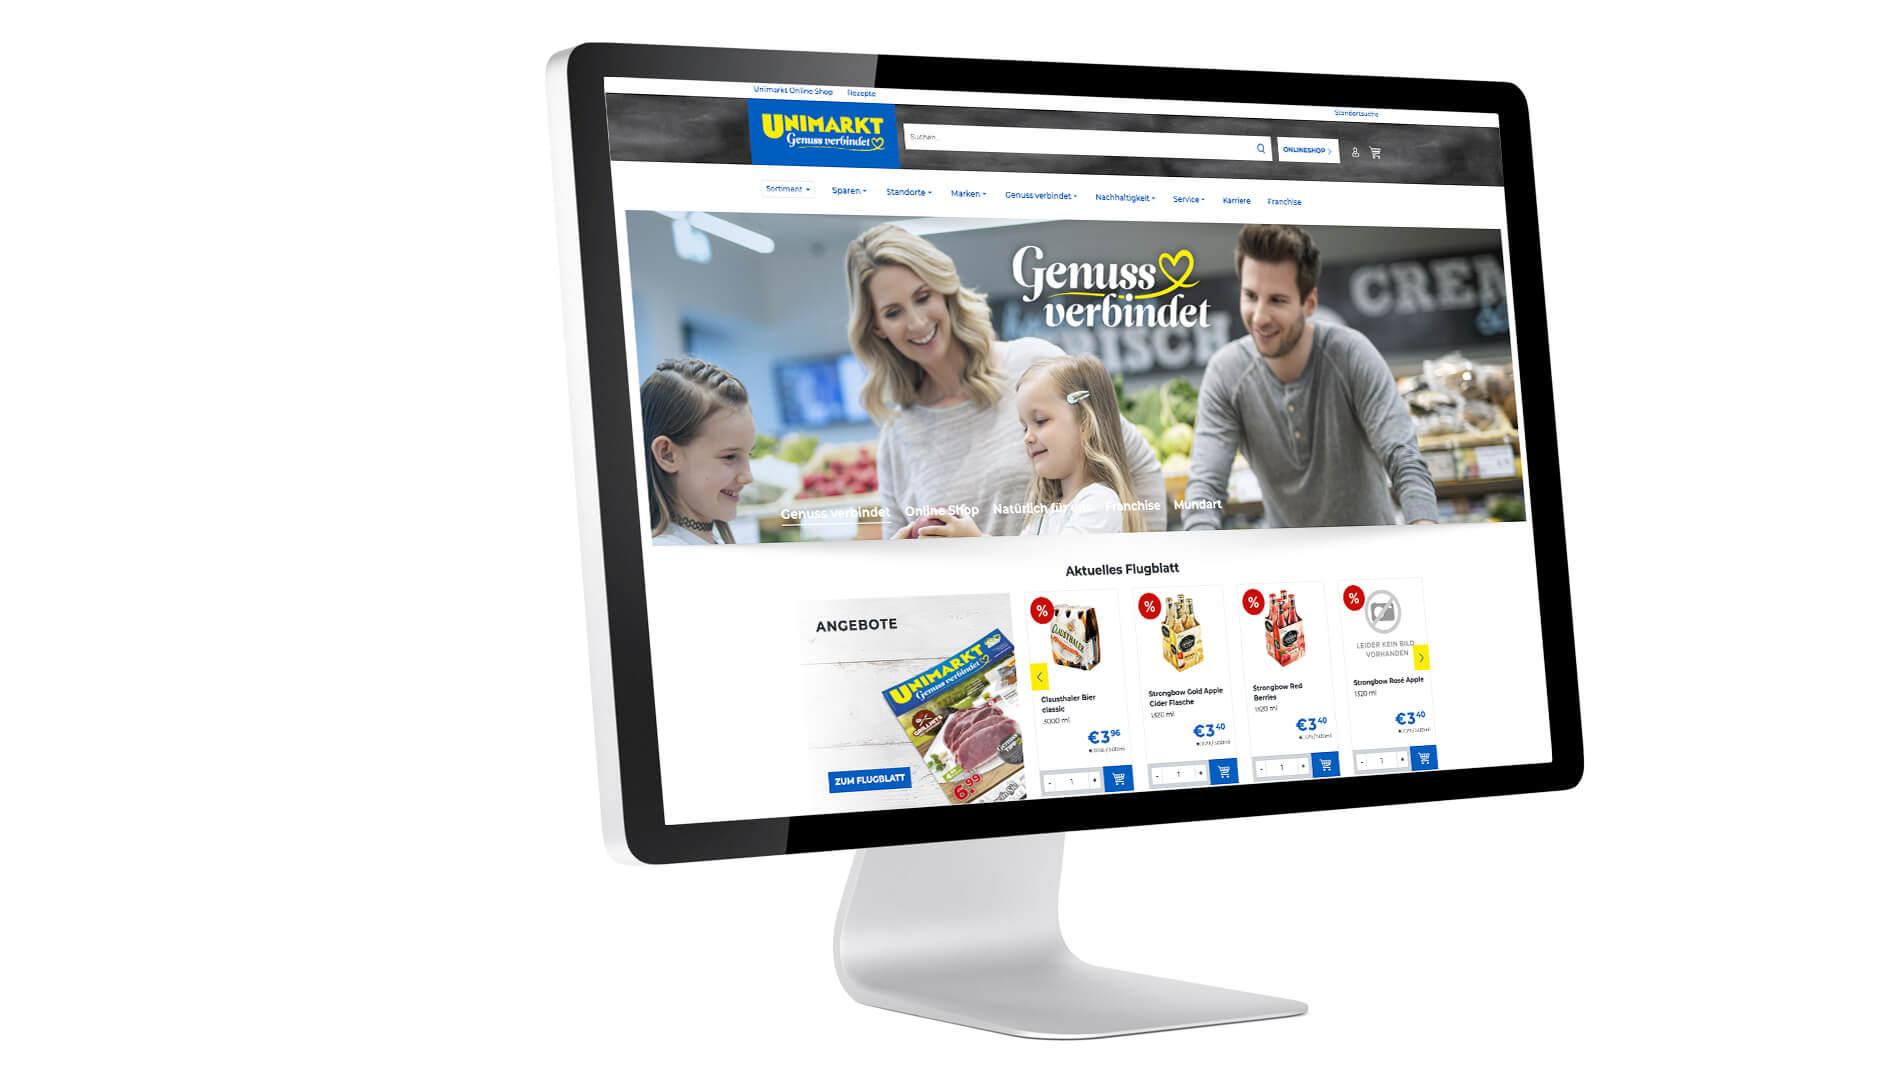 Unimarkt-bild-quer-website